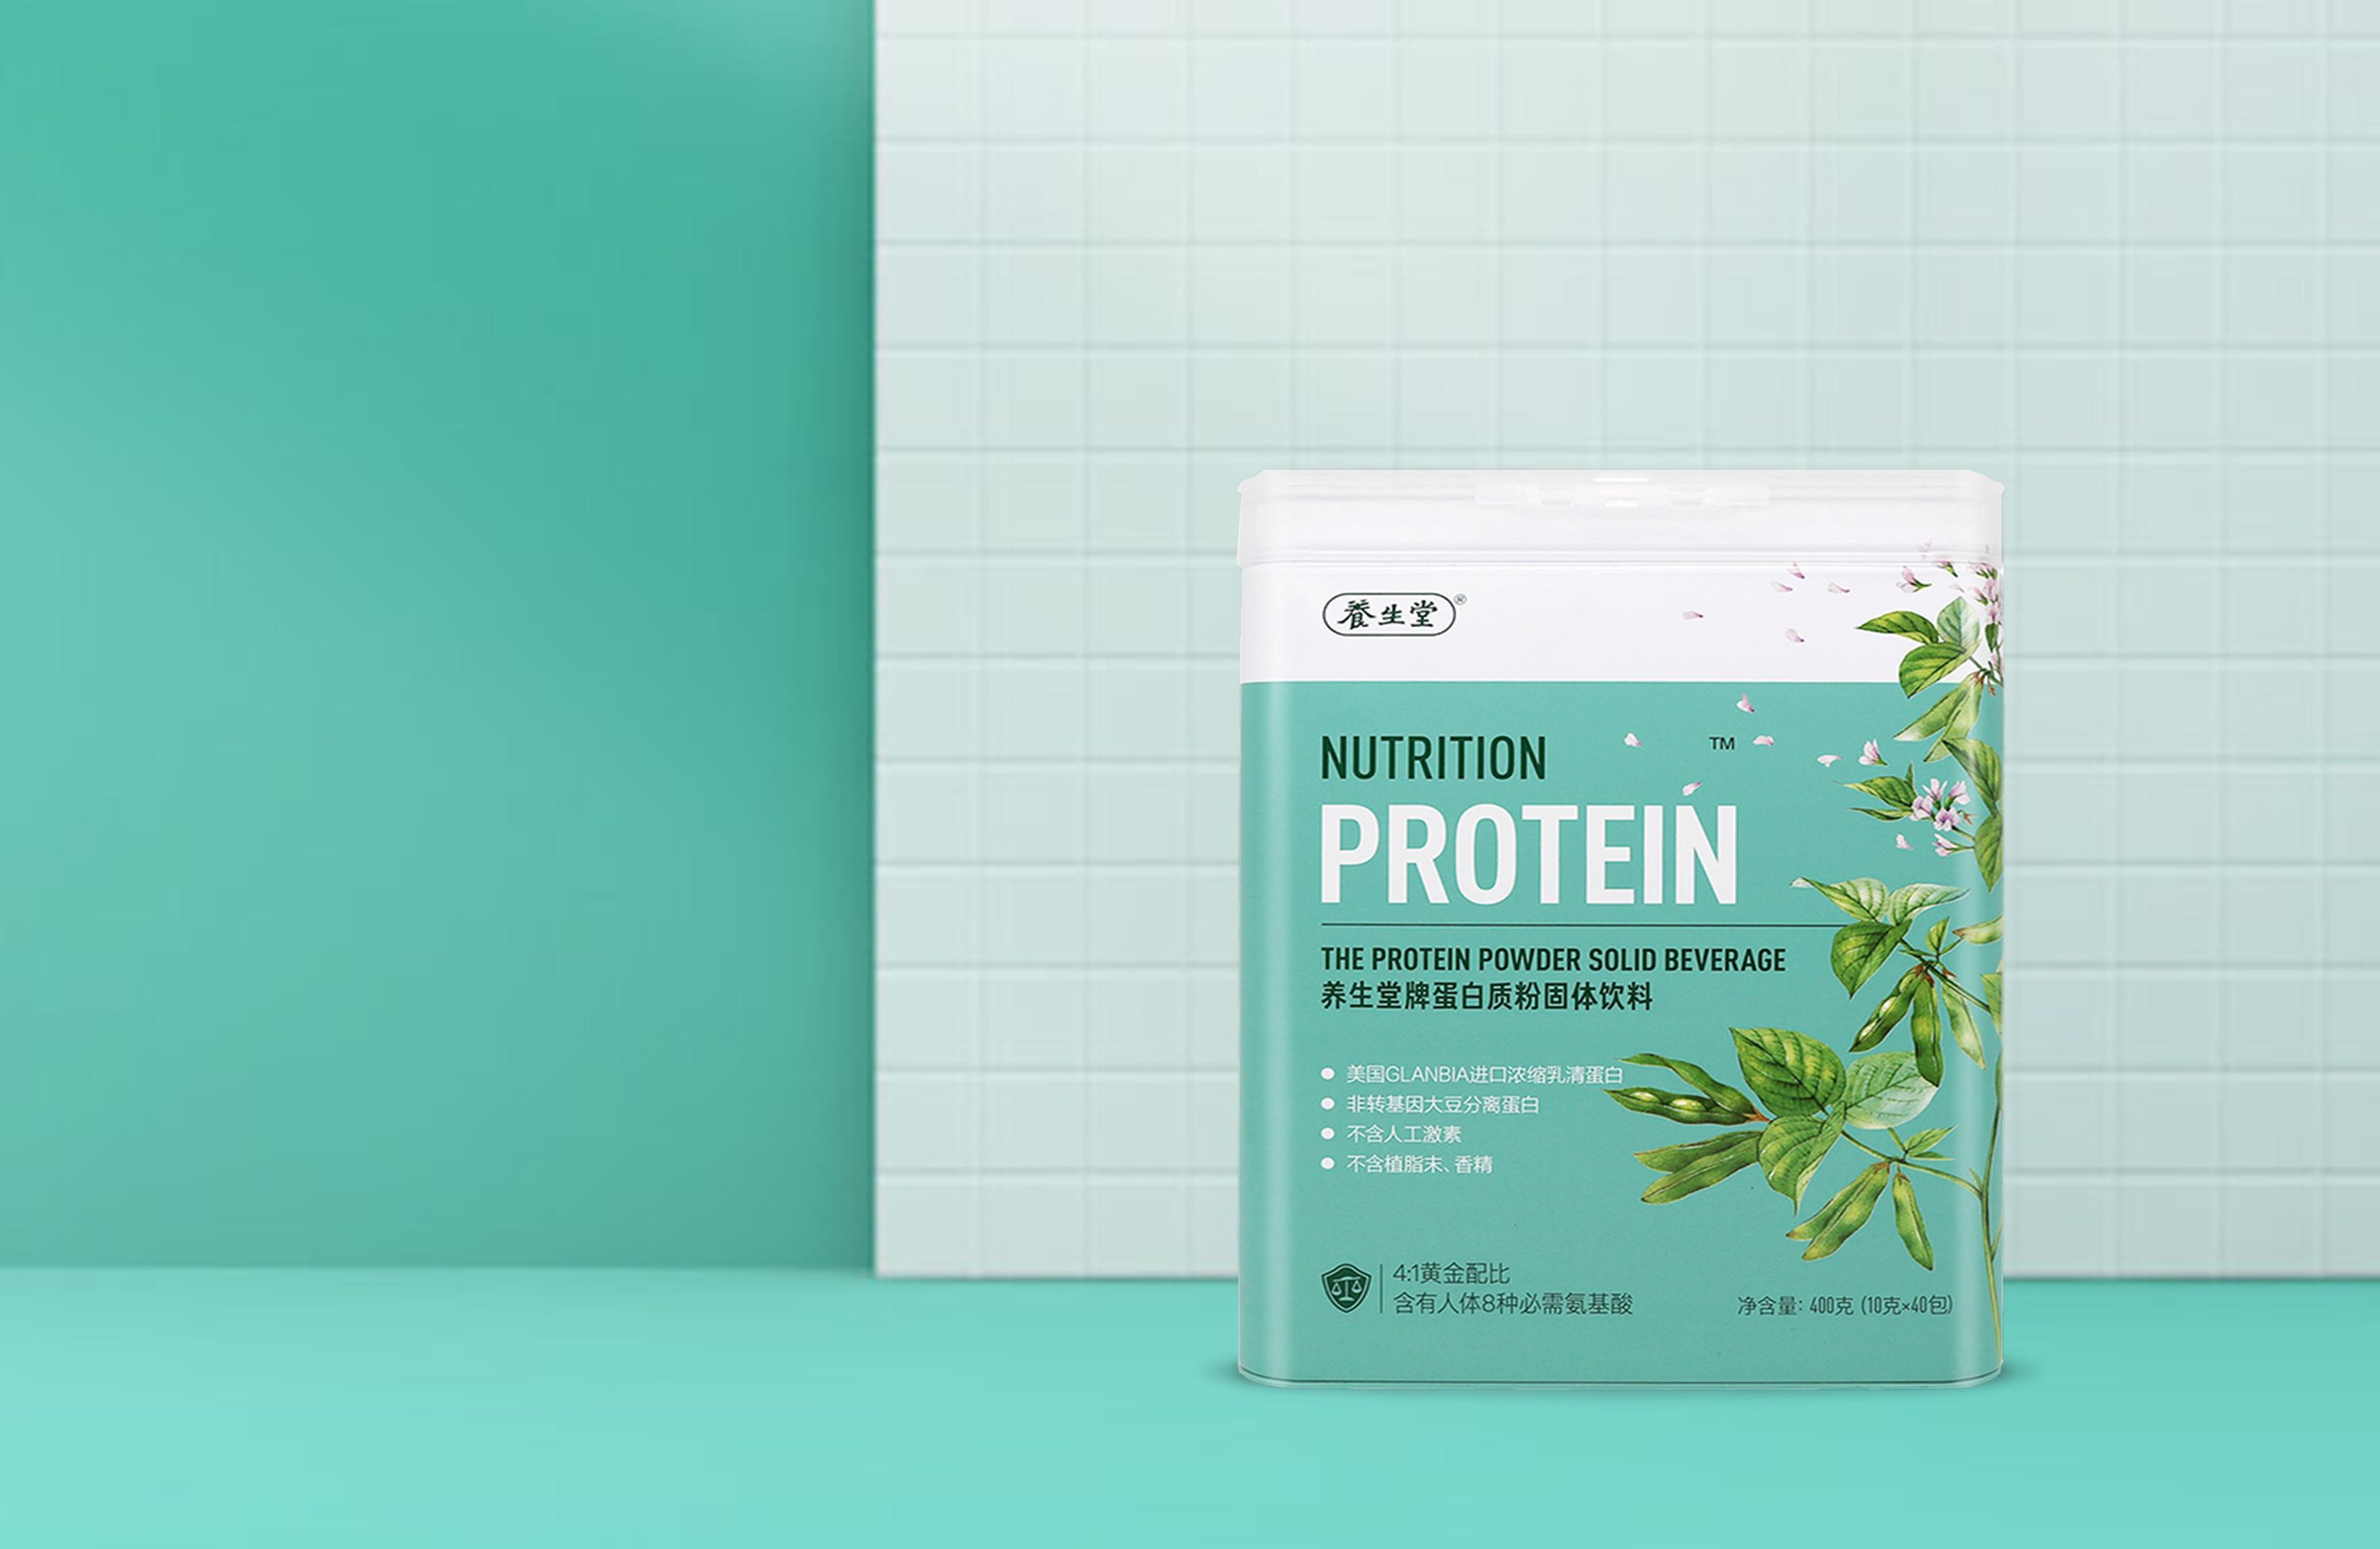 养生堂蛋白质粉包装设计-食品保健品包装设计-达岸品牌营销咨询